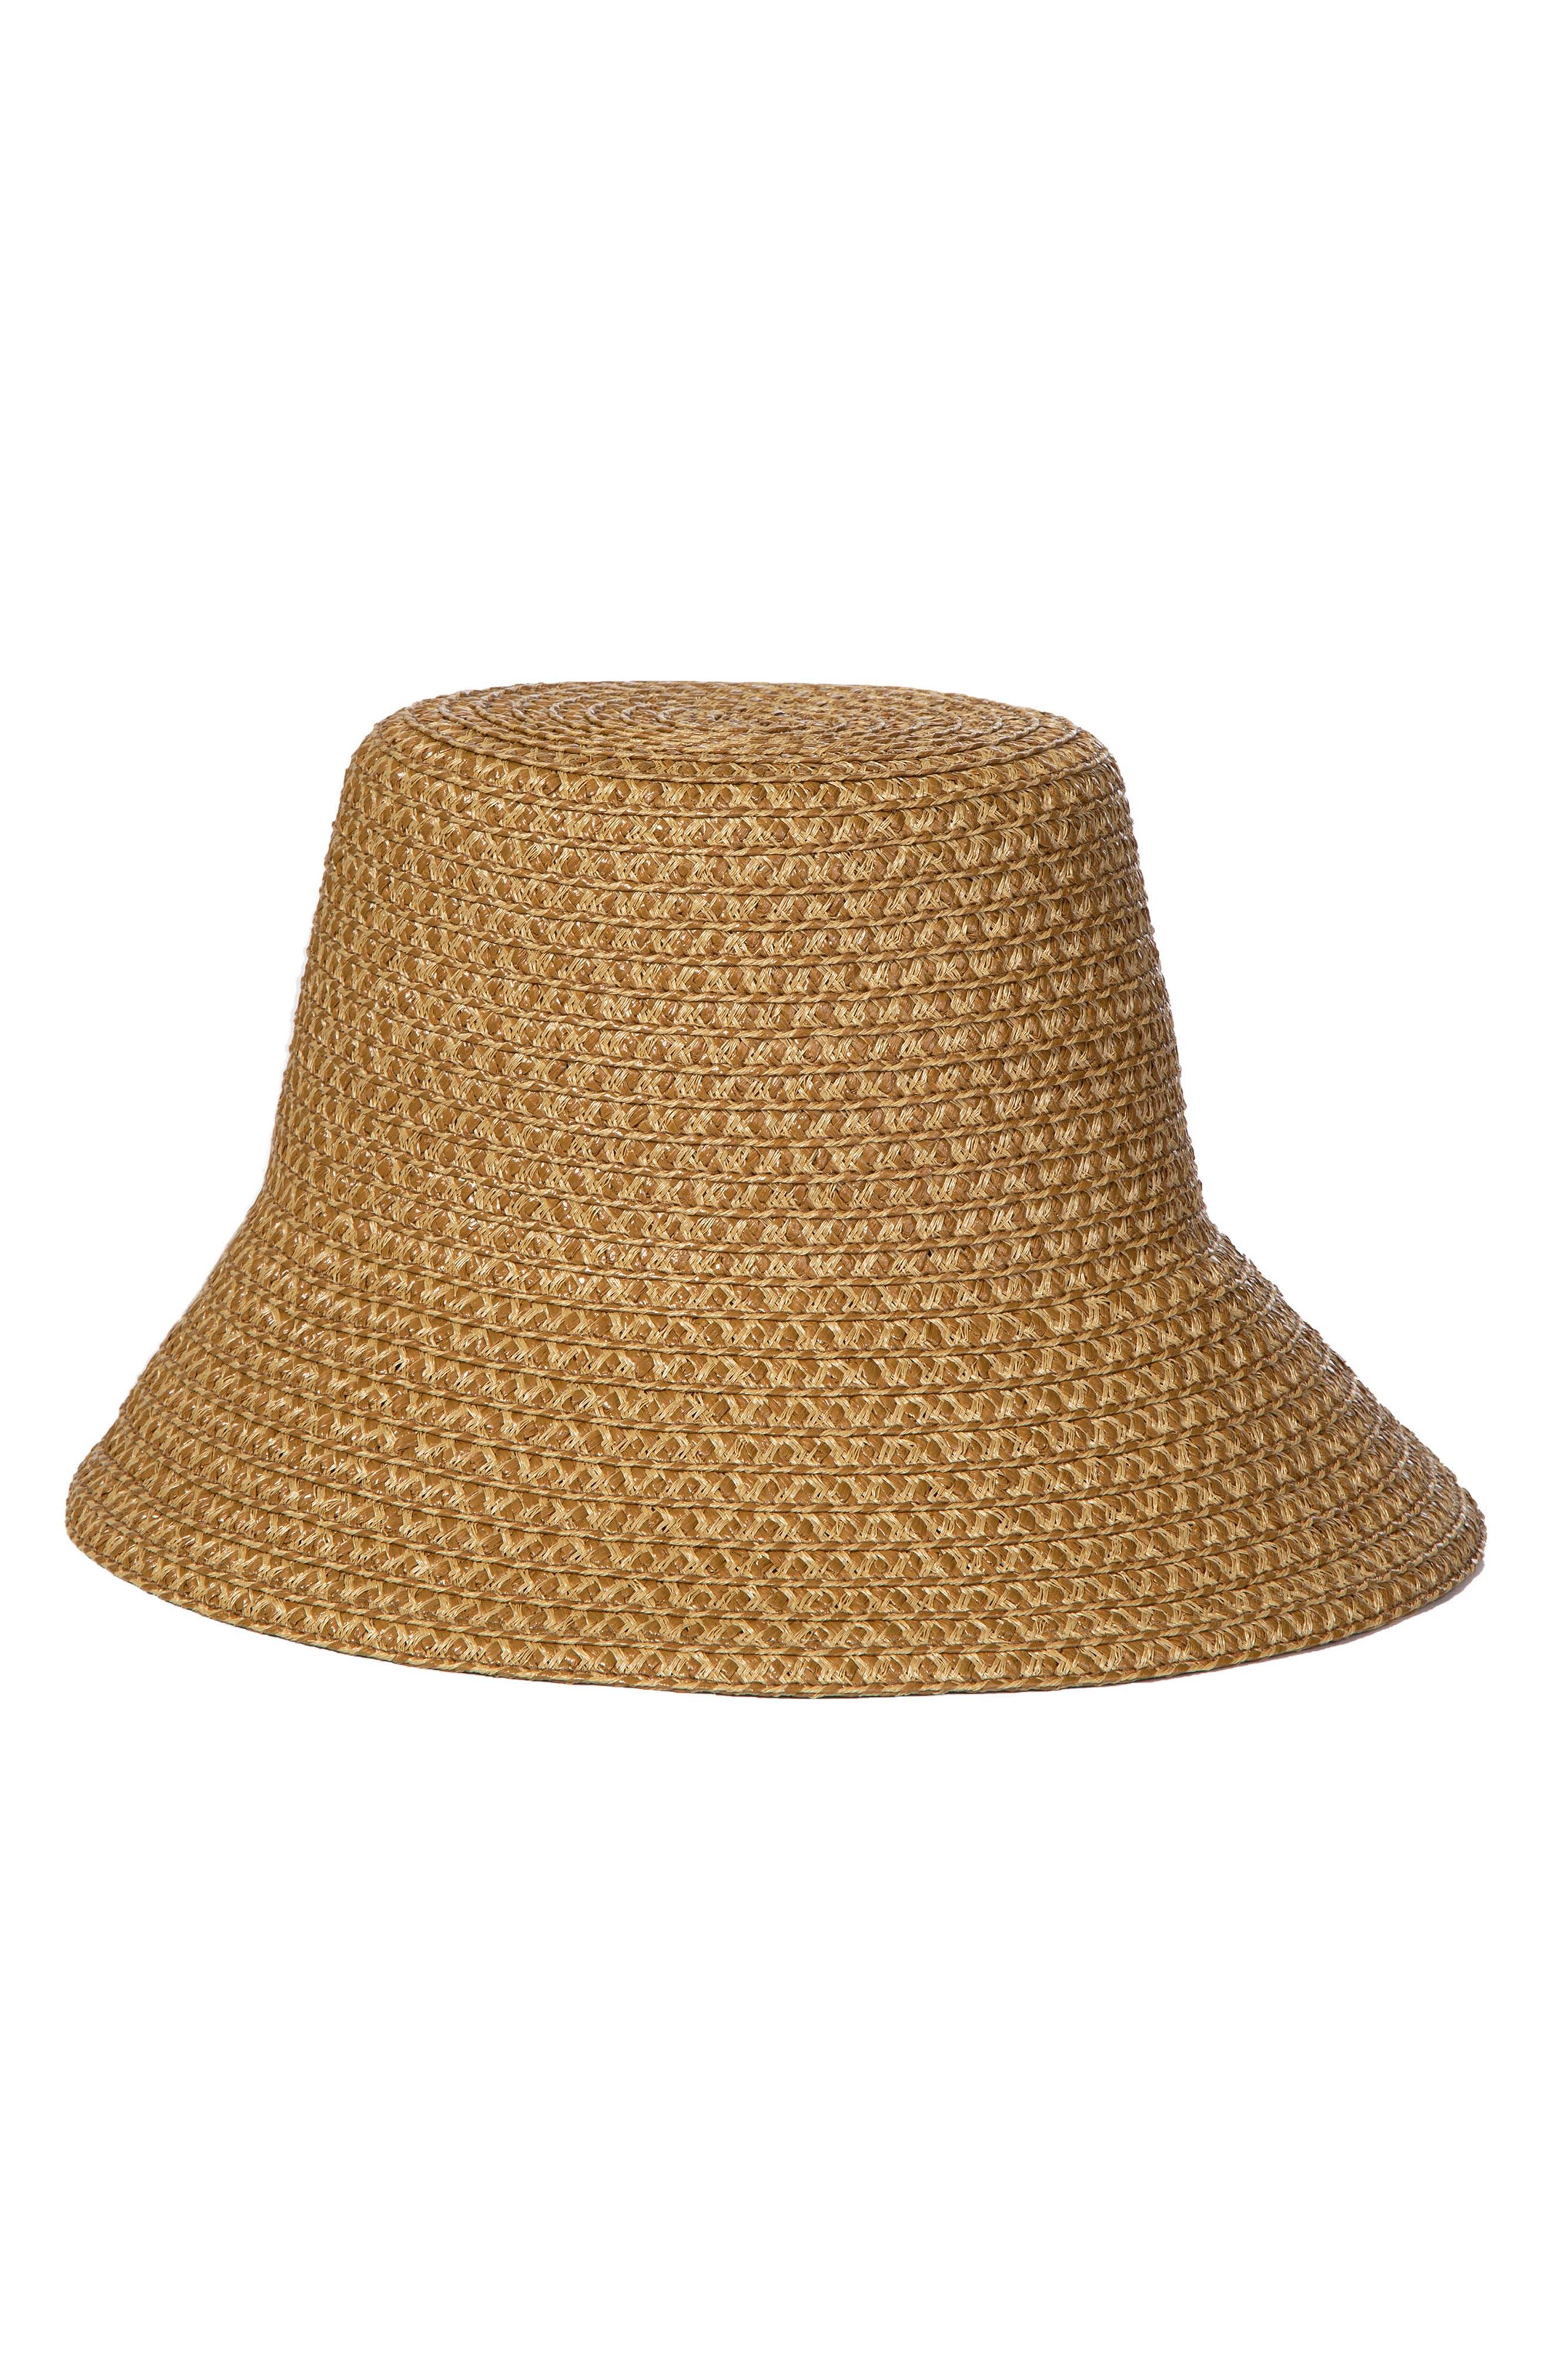 Women's August Hat Marina Downbrim Derby Hat